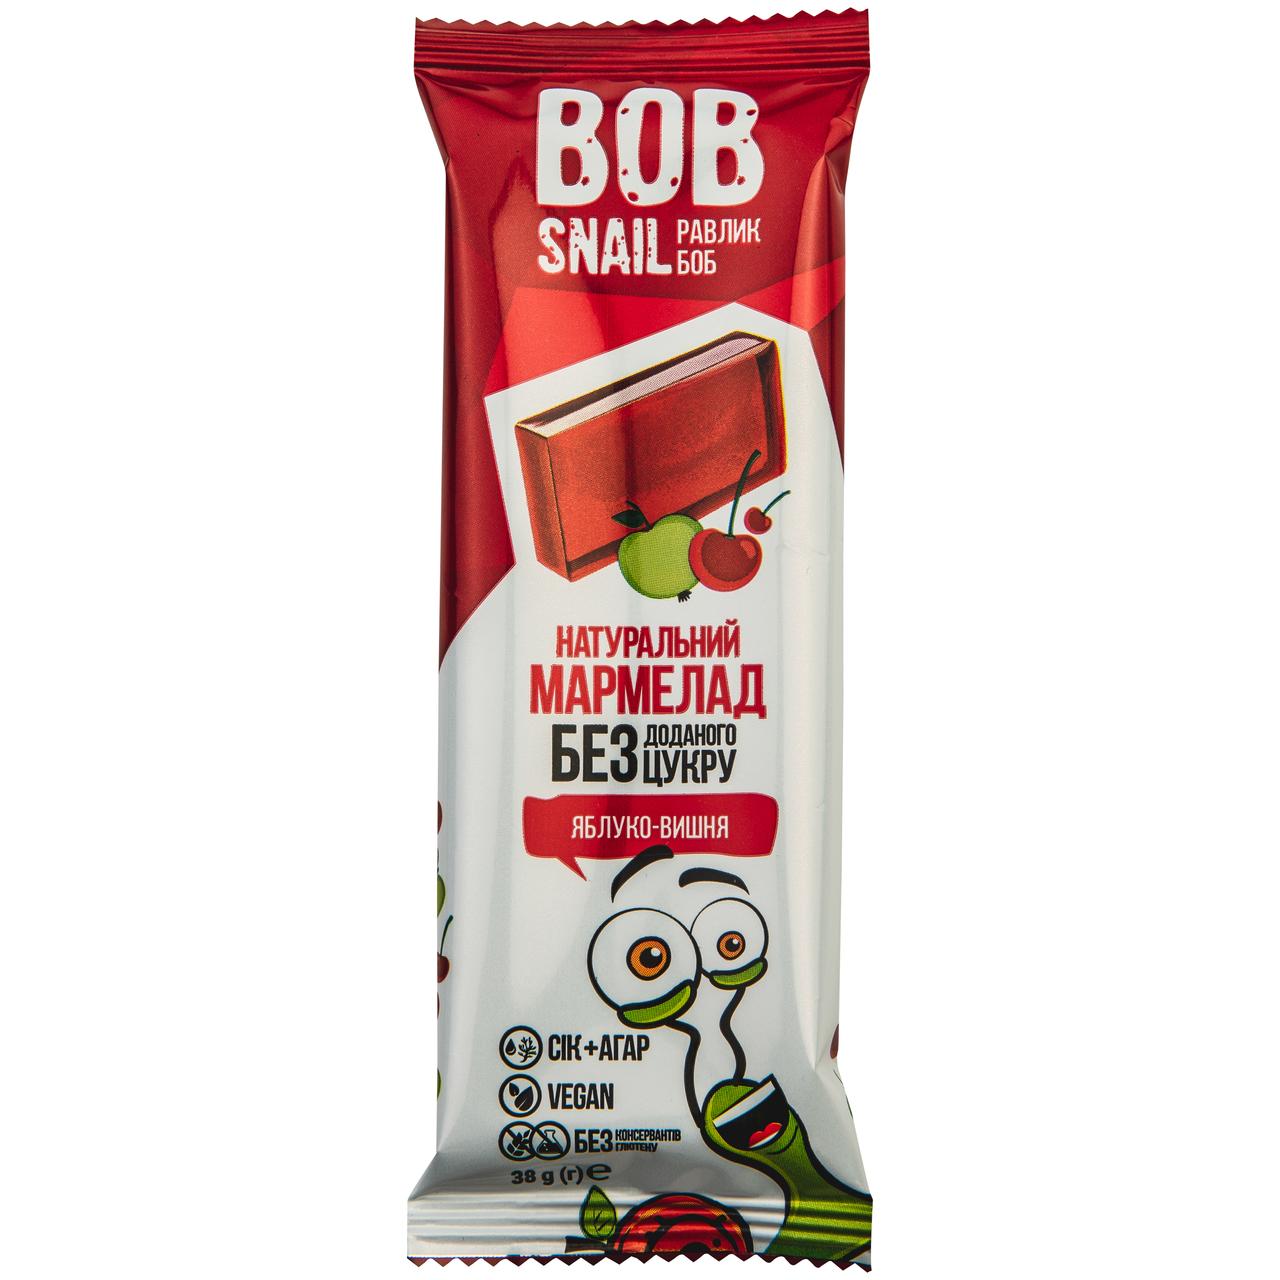 Мармелад Bob Snail Яблуко-вишня фруктово-ягідний 38г